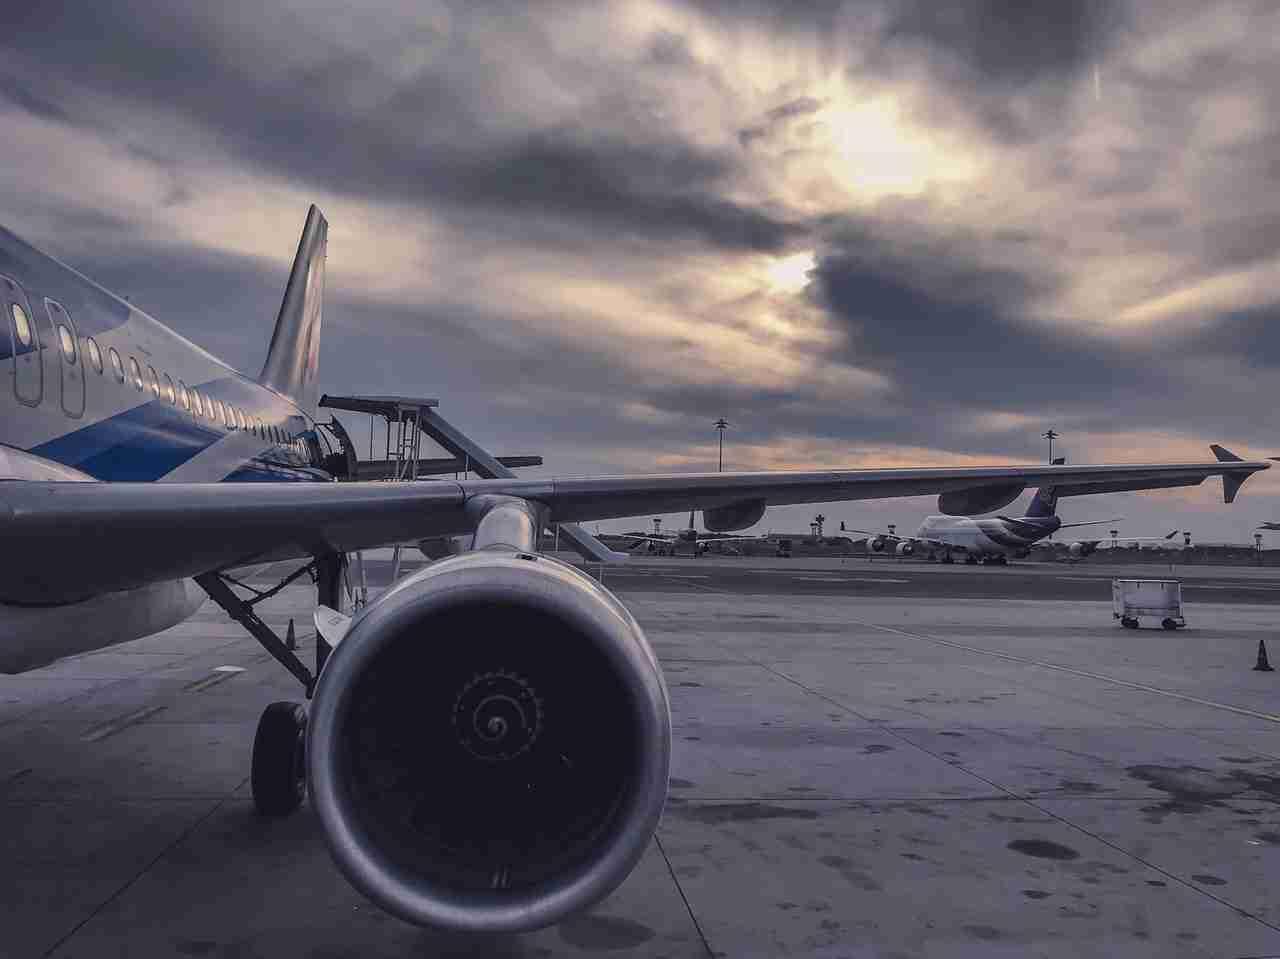 Flug stornieren bei KLM